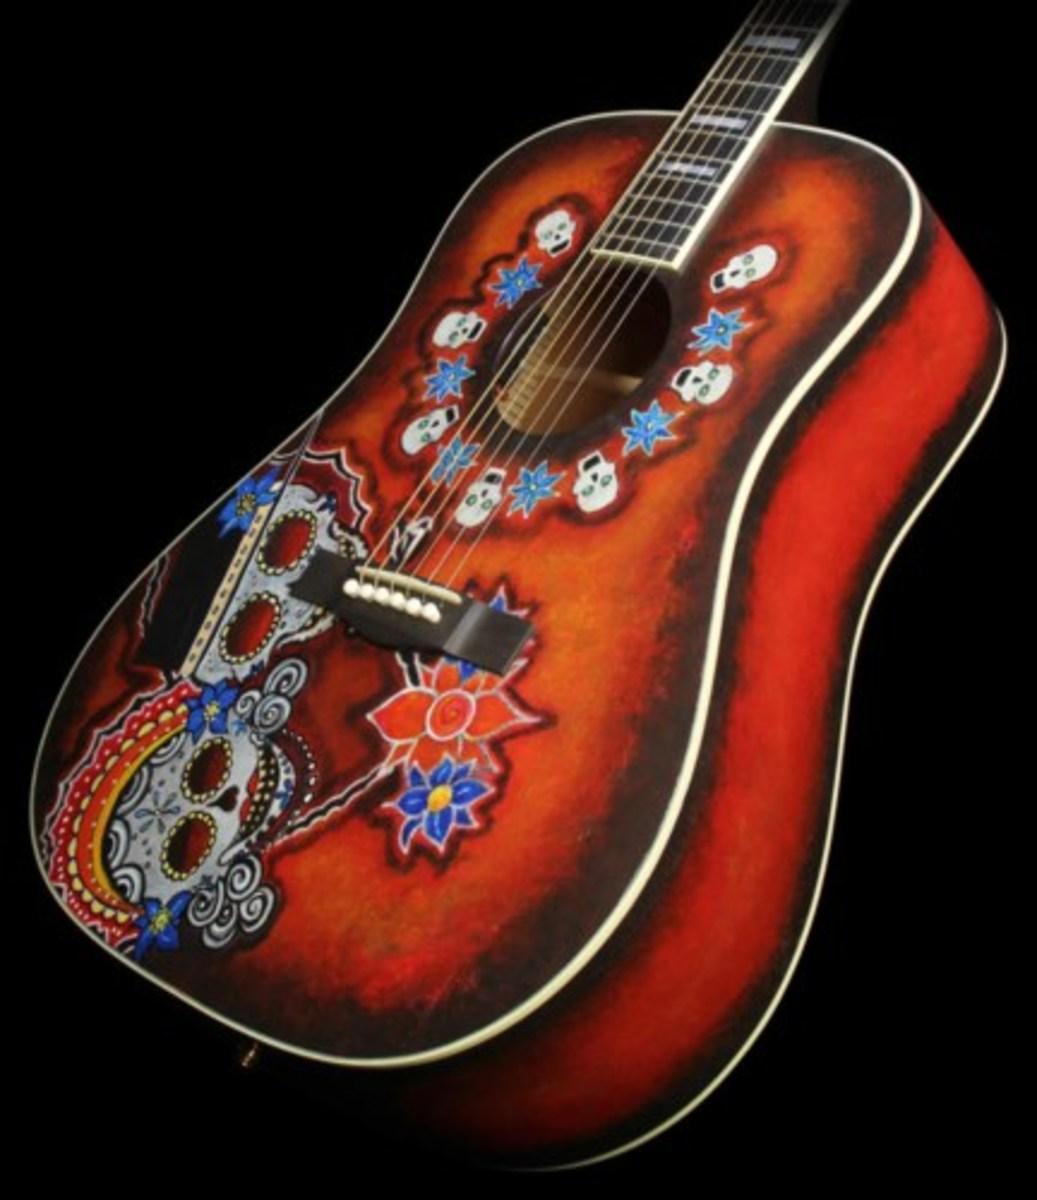 The Fender Dia De Los Muertos Guitar.